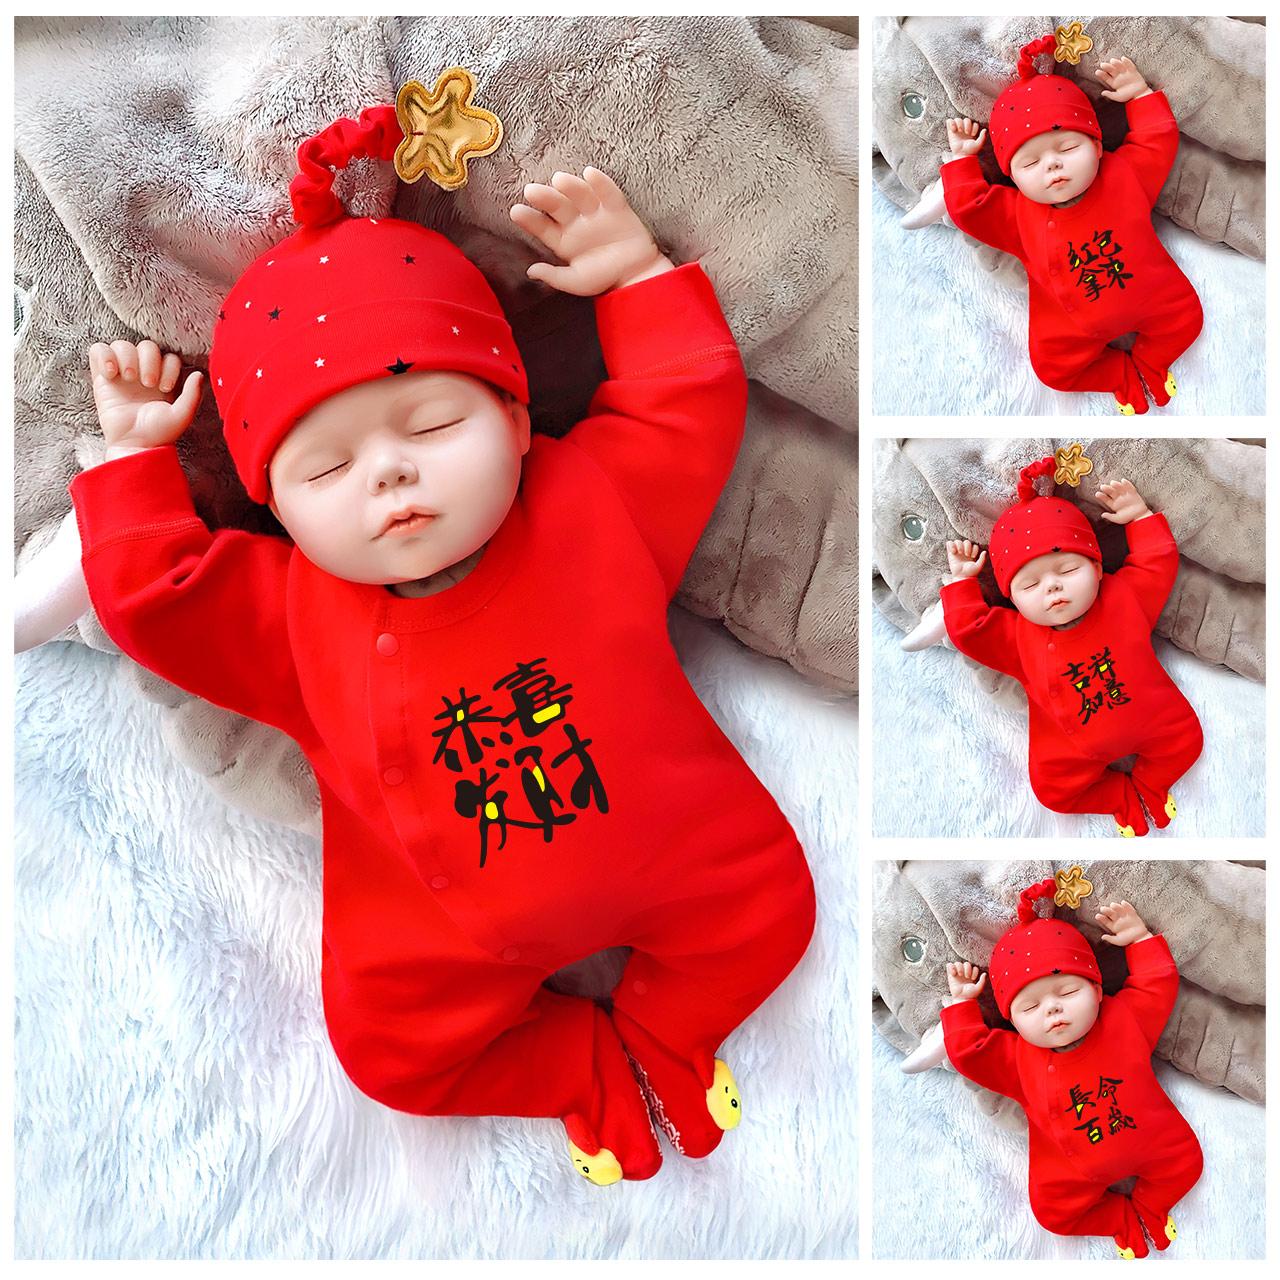 新生婴儿满月唐装男童女宝宝红色加厚拜年服过年新年衣服喜庆冬装